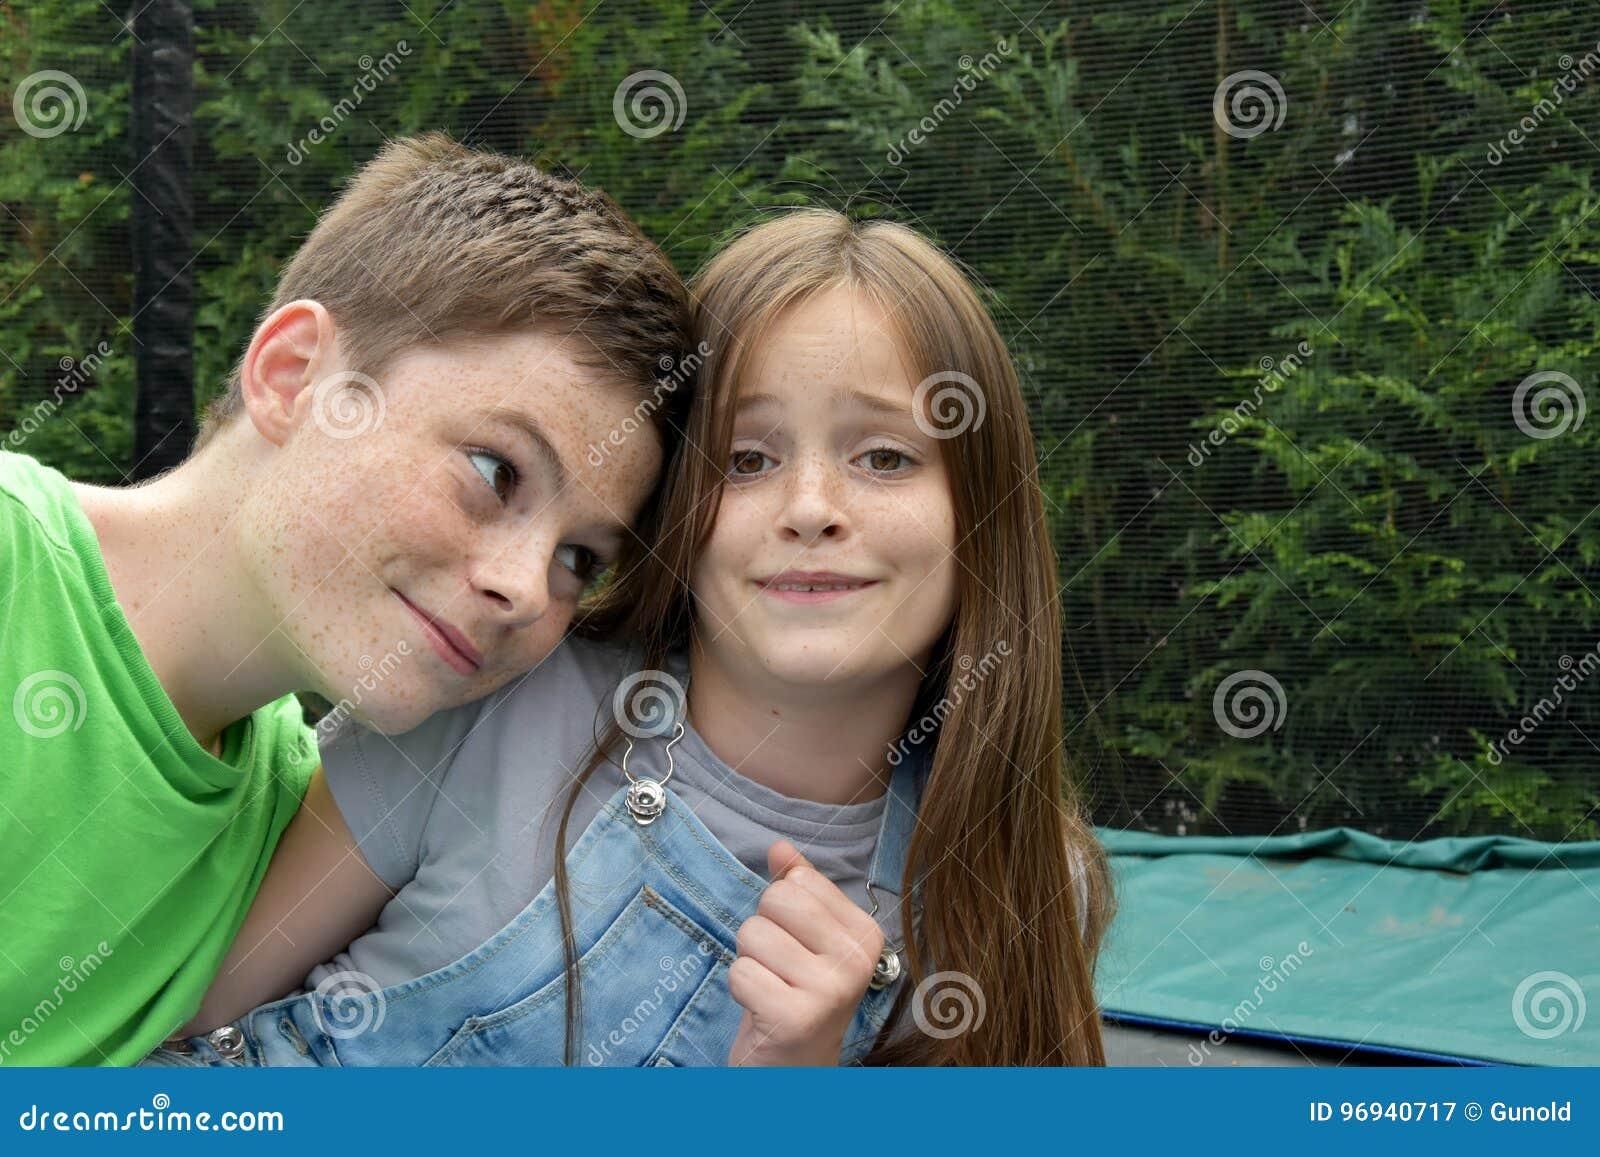 Giggly siblings